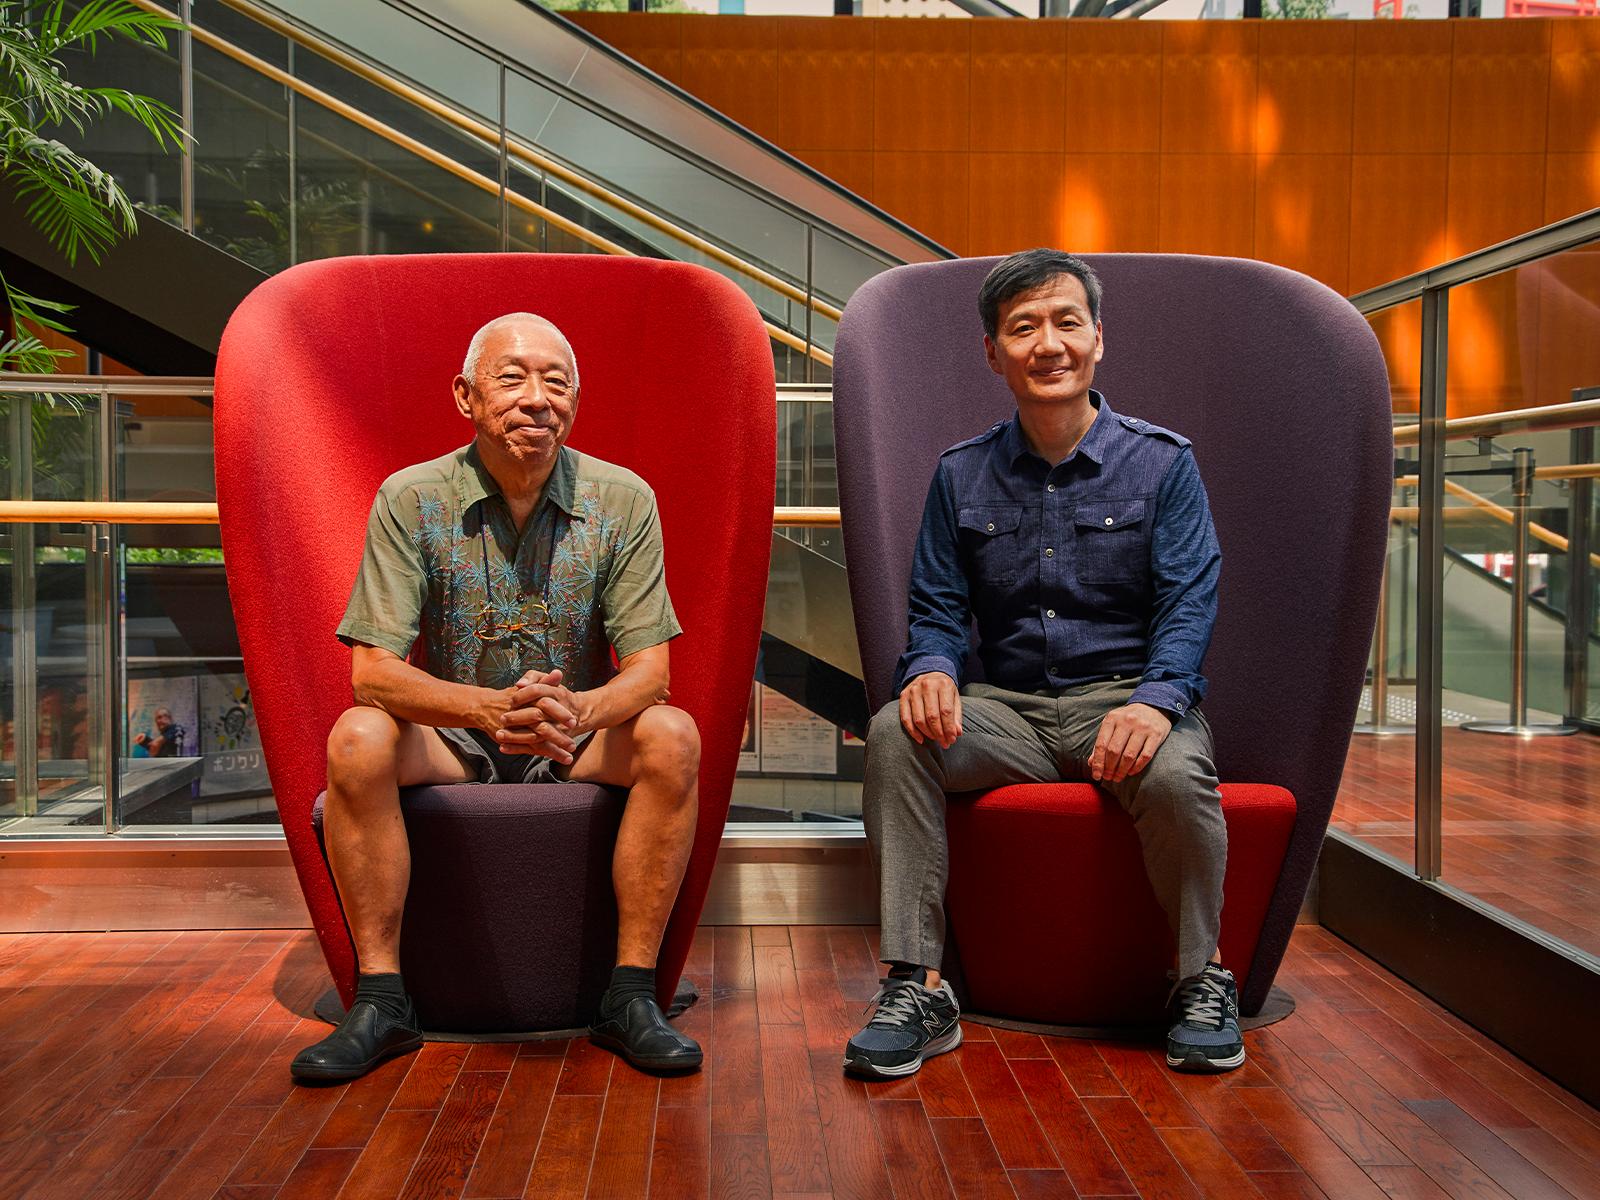 日本版の共同企画・制作・演出家の阪本洋三さん(右)と。「演劇には世の中を変える民主主義の演劇と、楽しむことを目的にした資本主義の演劇があります。前者の演劇としてすぐれたものをつくっていきたい」と阪本さん。